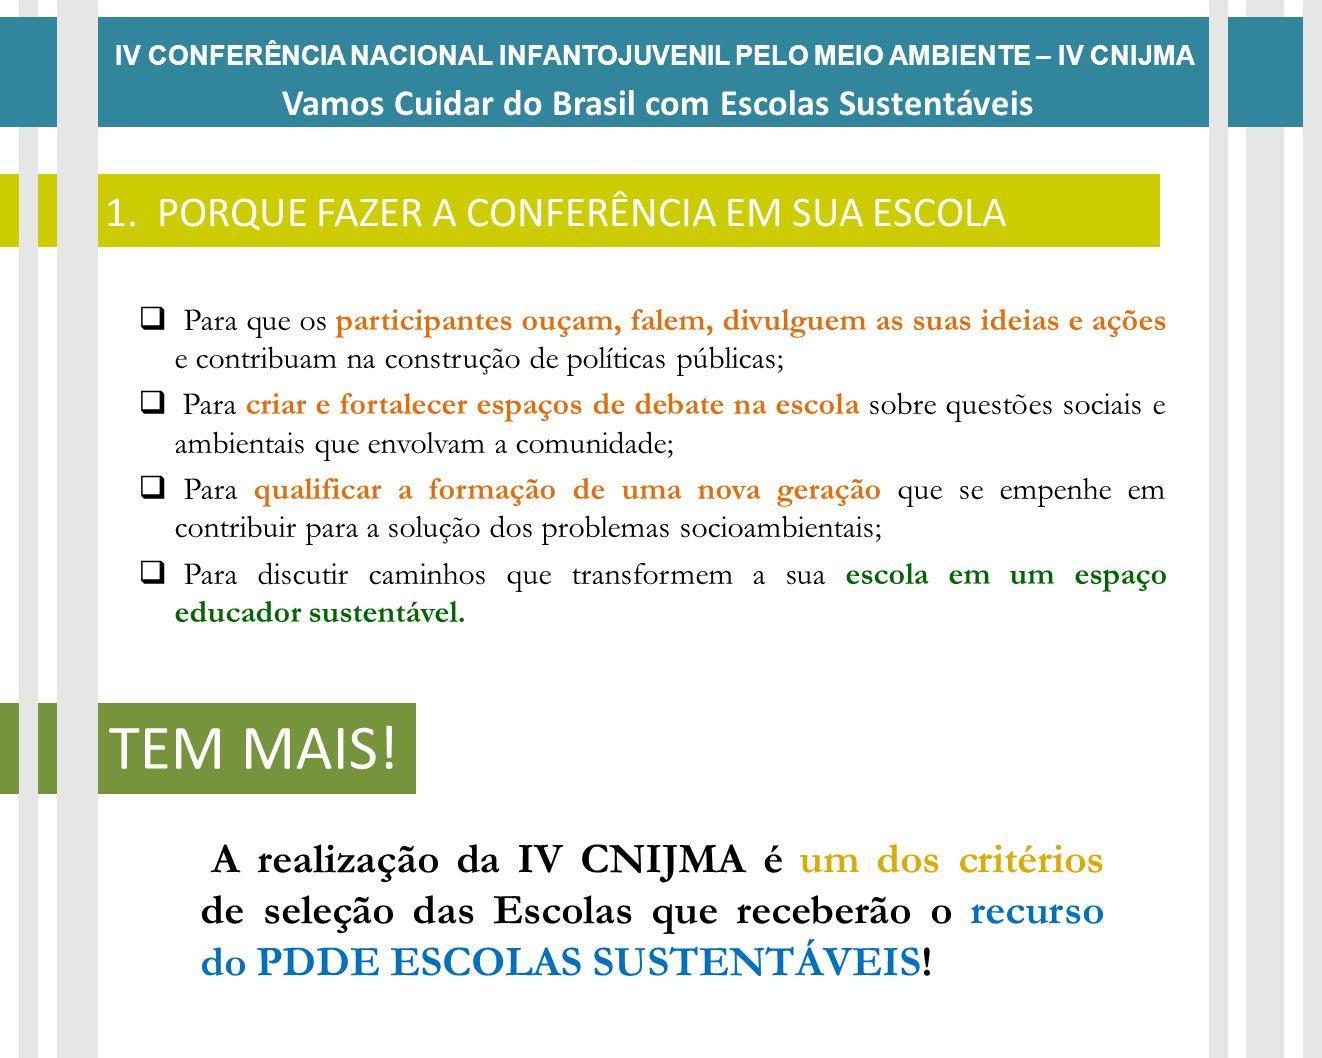 IV CONFERÊNCIA NACIONAL INFANTOJUVENIL PELO MEIO AMBIENTE – IV CNIJMA Vamos Cuidar do Brasil com Escolas Sustentáveis 1. PORQUE FAZER A CONFERÊNCIA EM